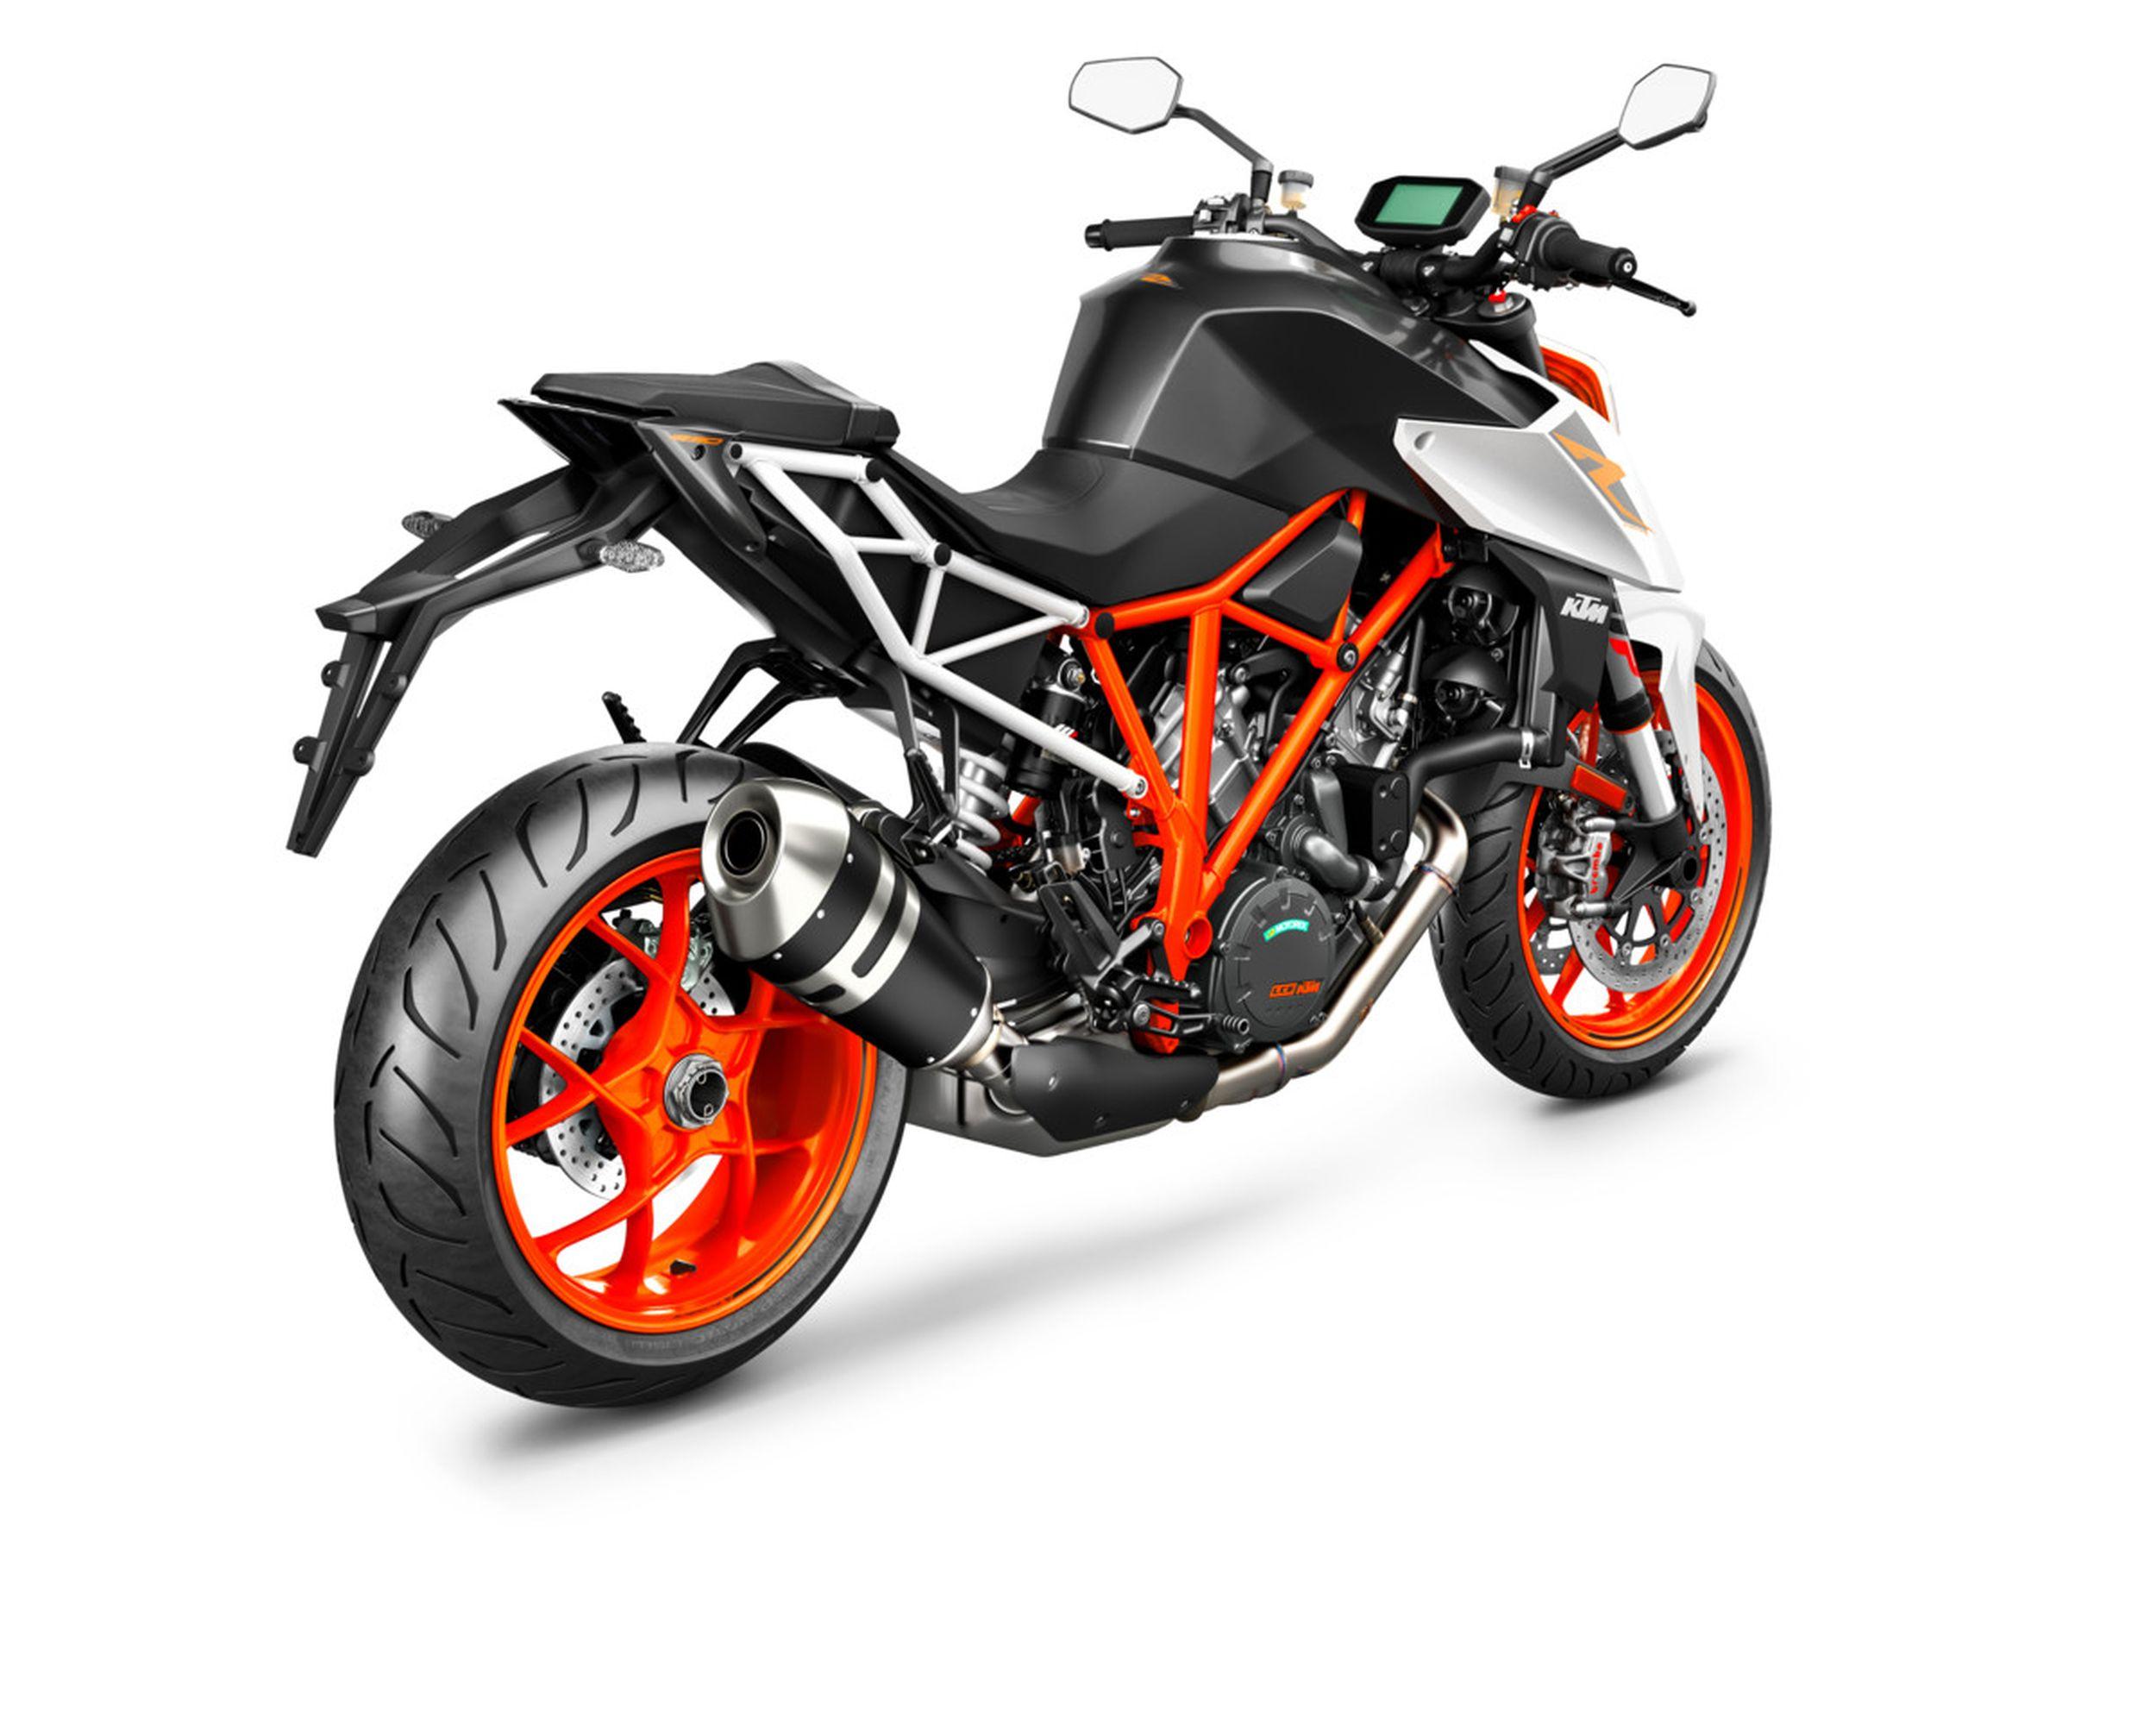 Ktm Superduke Gt 2018 >> Moped Moped KTM 1290 Super Duke R - Test, Gebrauchte, Bilder, technische Daten